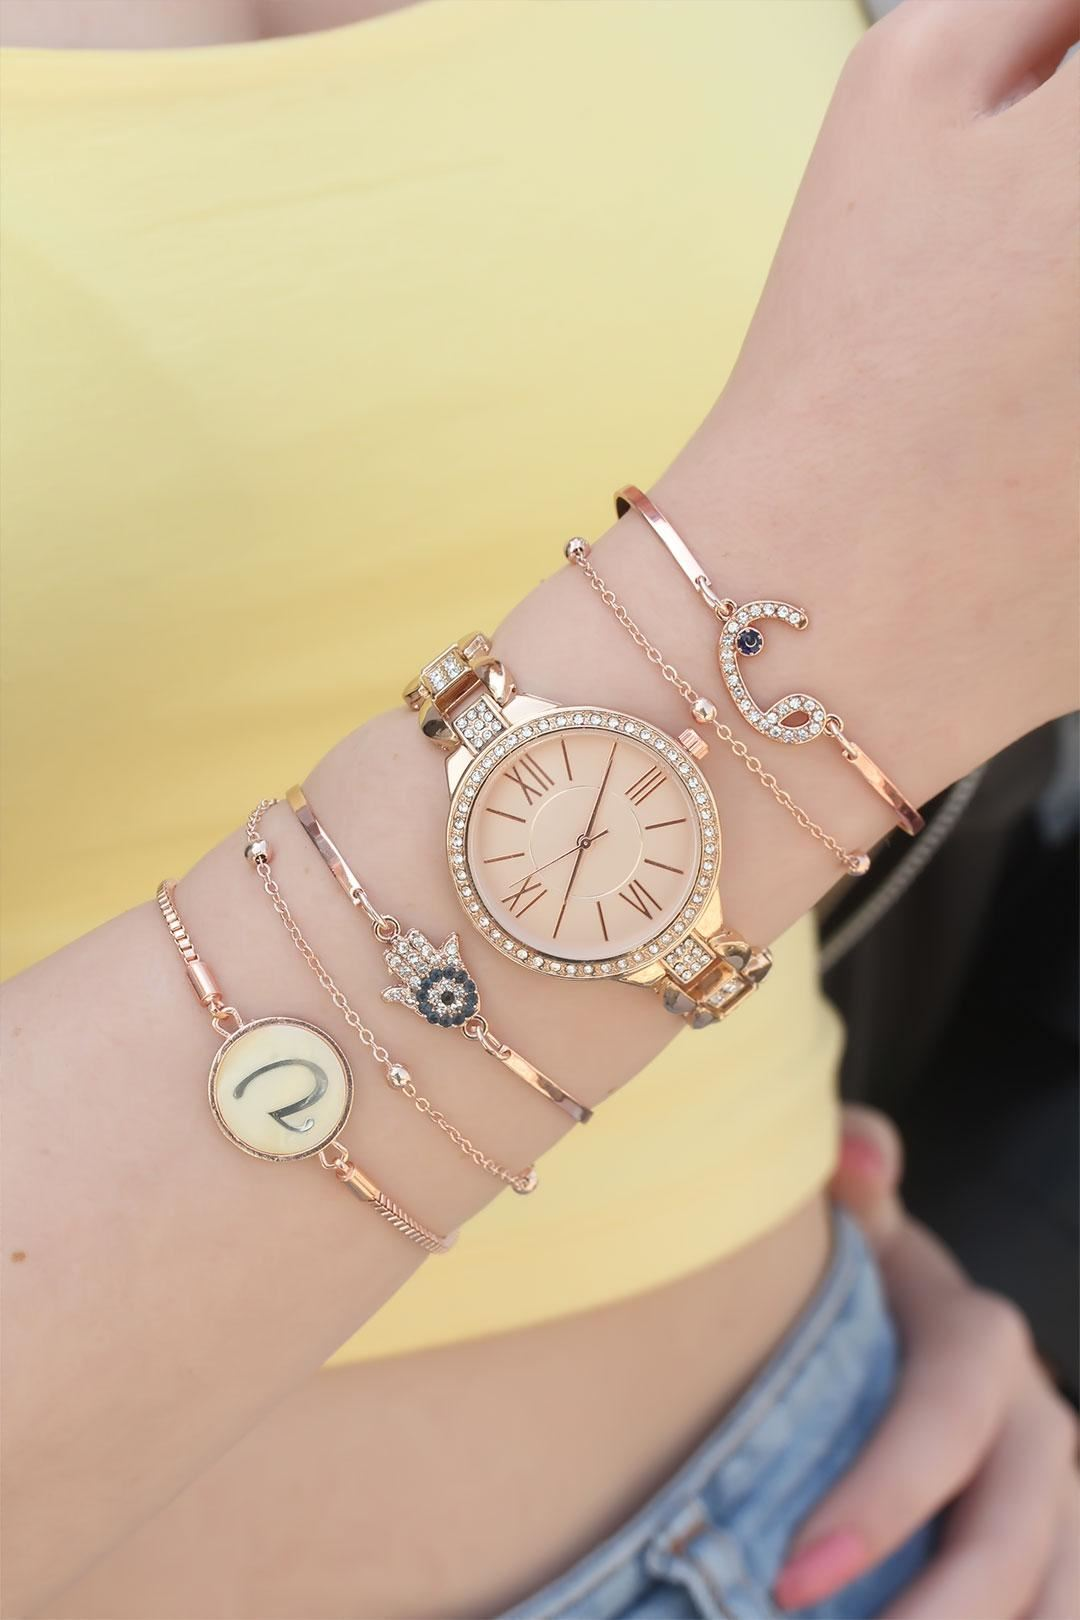 Rose Renk Metal Kordonlu Taşlı Saat ve Bileklik Kombini